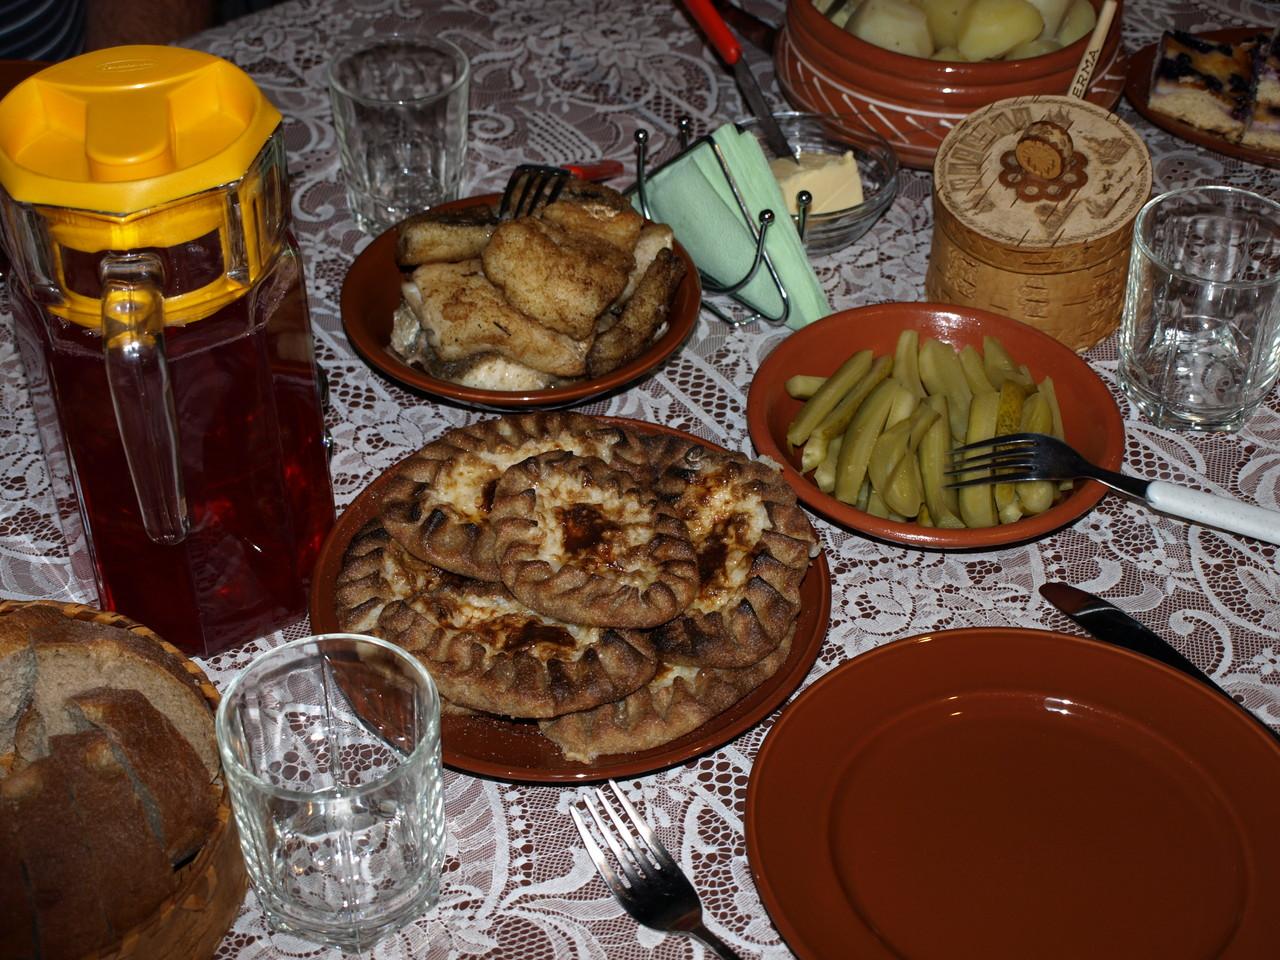 und kocht uns eine typisch karelische Mahlzeit